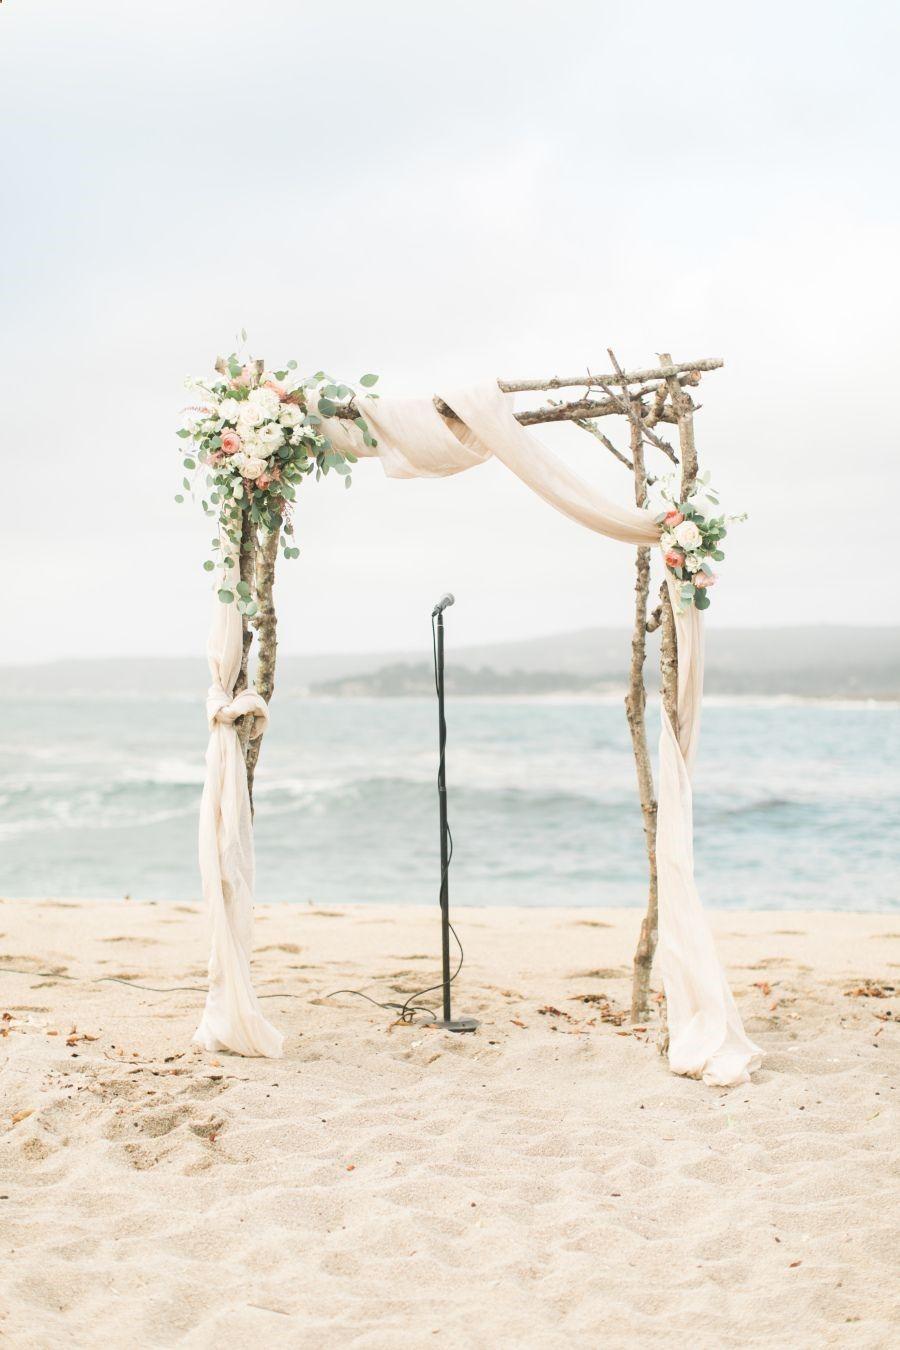 30 Rustic Wedding Arch Ideas For Every Wedding 2019 #weddings | Beach wedding  arch, Wedding beach ceremony, Rustic beach wedding